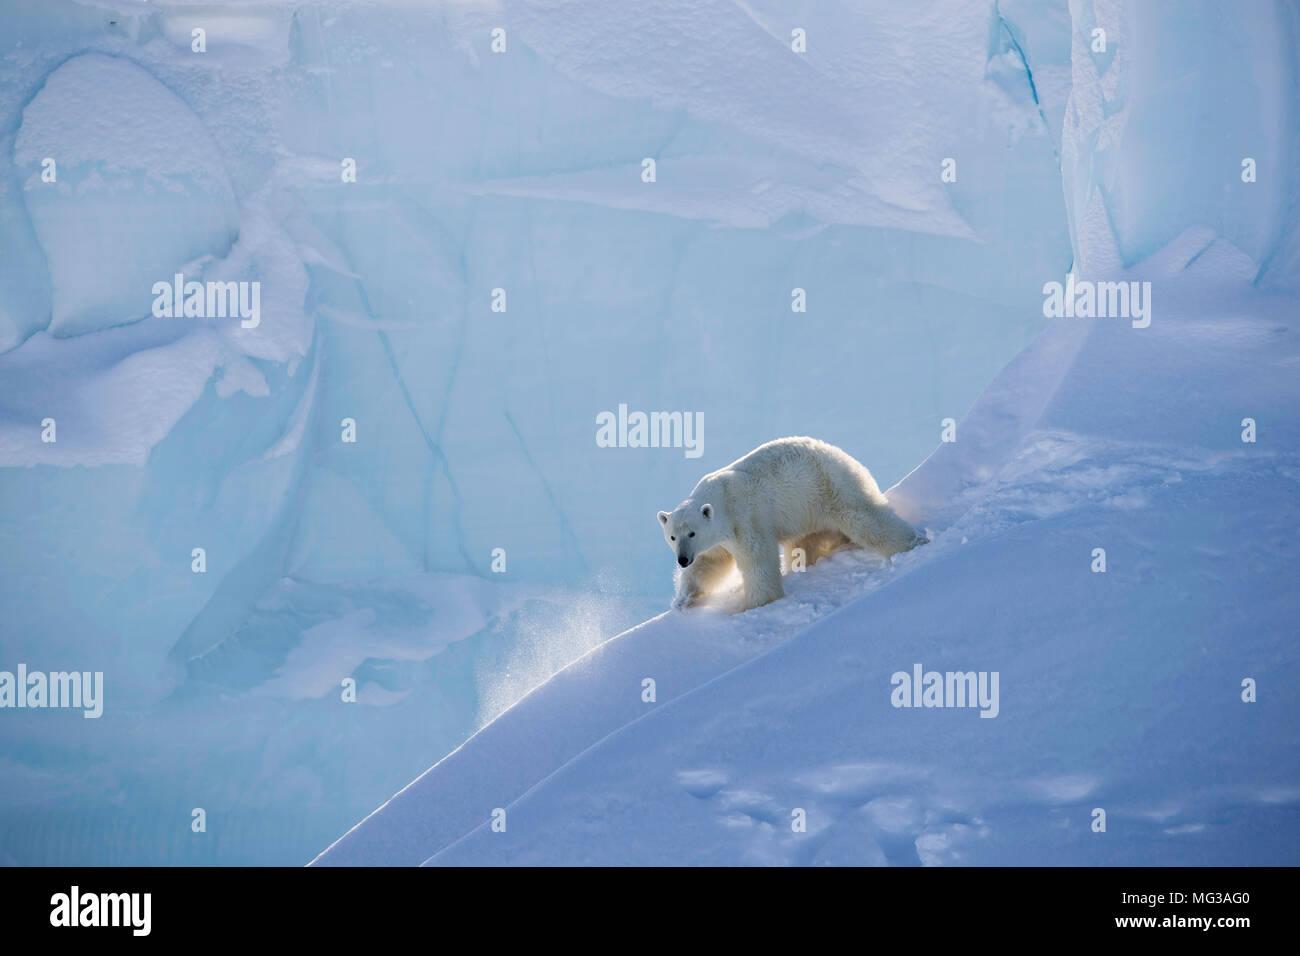 Weibliche Eisbären rutscht der Schnee und das Eis von einem Eisberg auf Baffin Island, nördlichen Kanada Stockbild